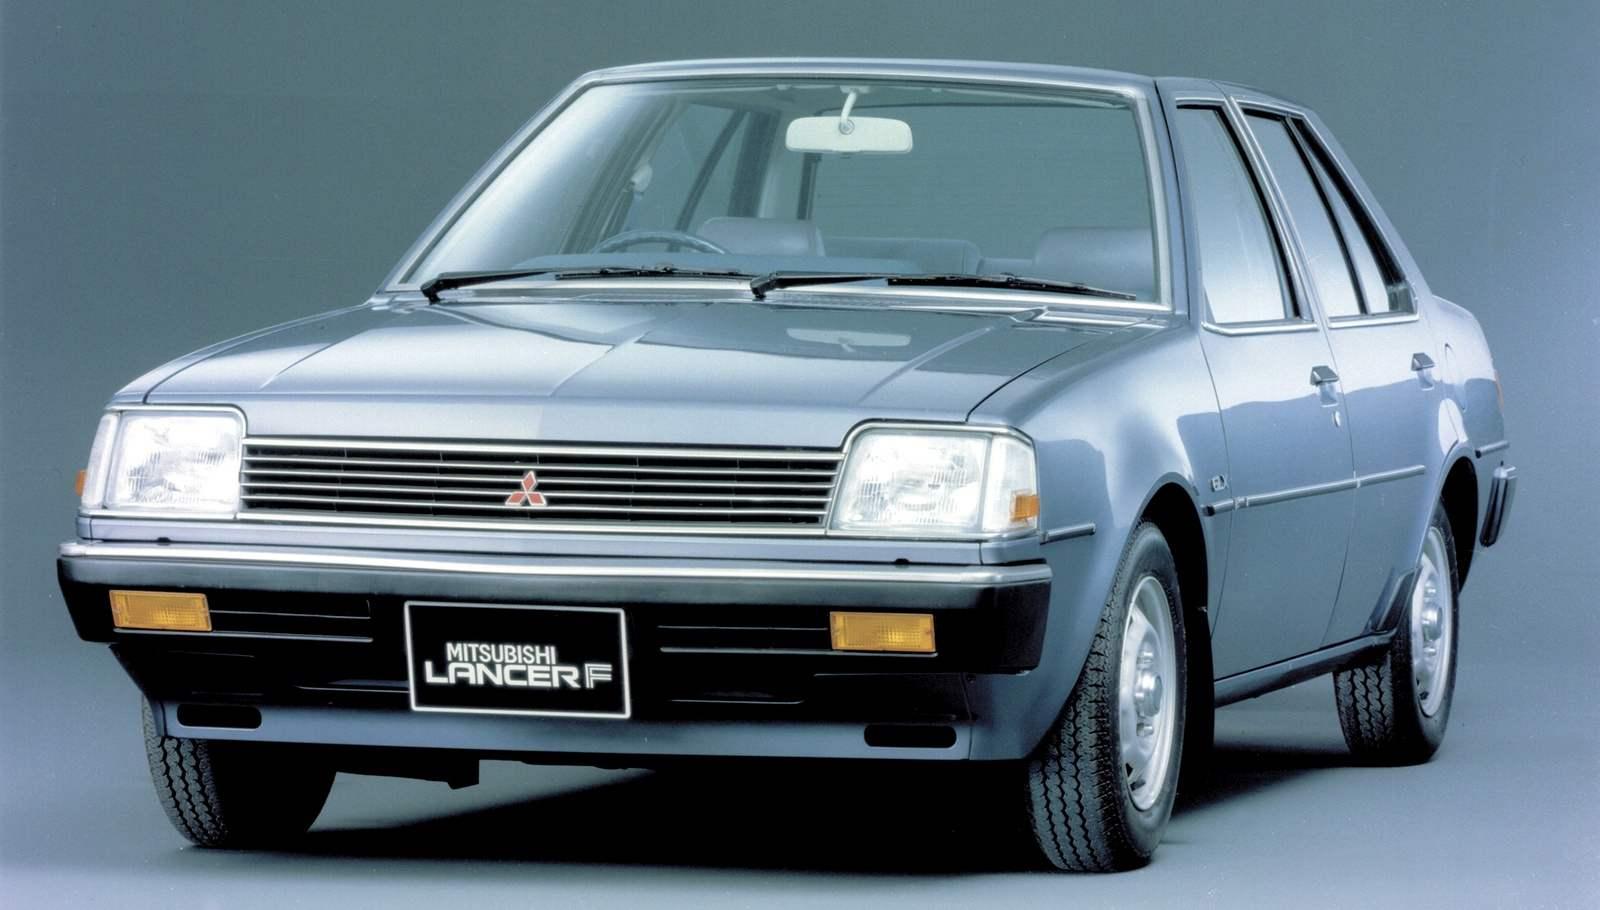 Mitsubishi Lancer третьего поколения впервые получил передний привод (1982 г.)